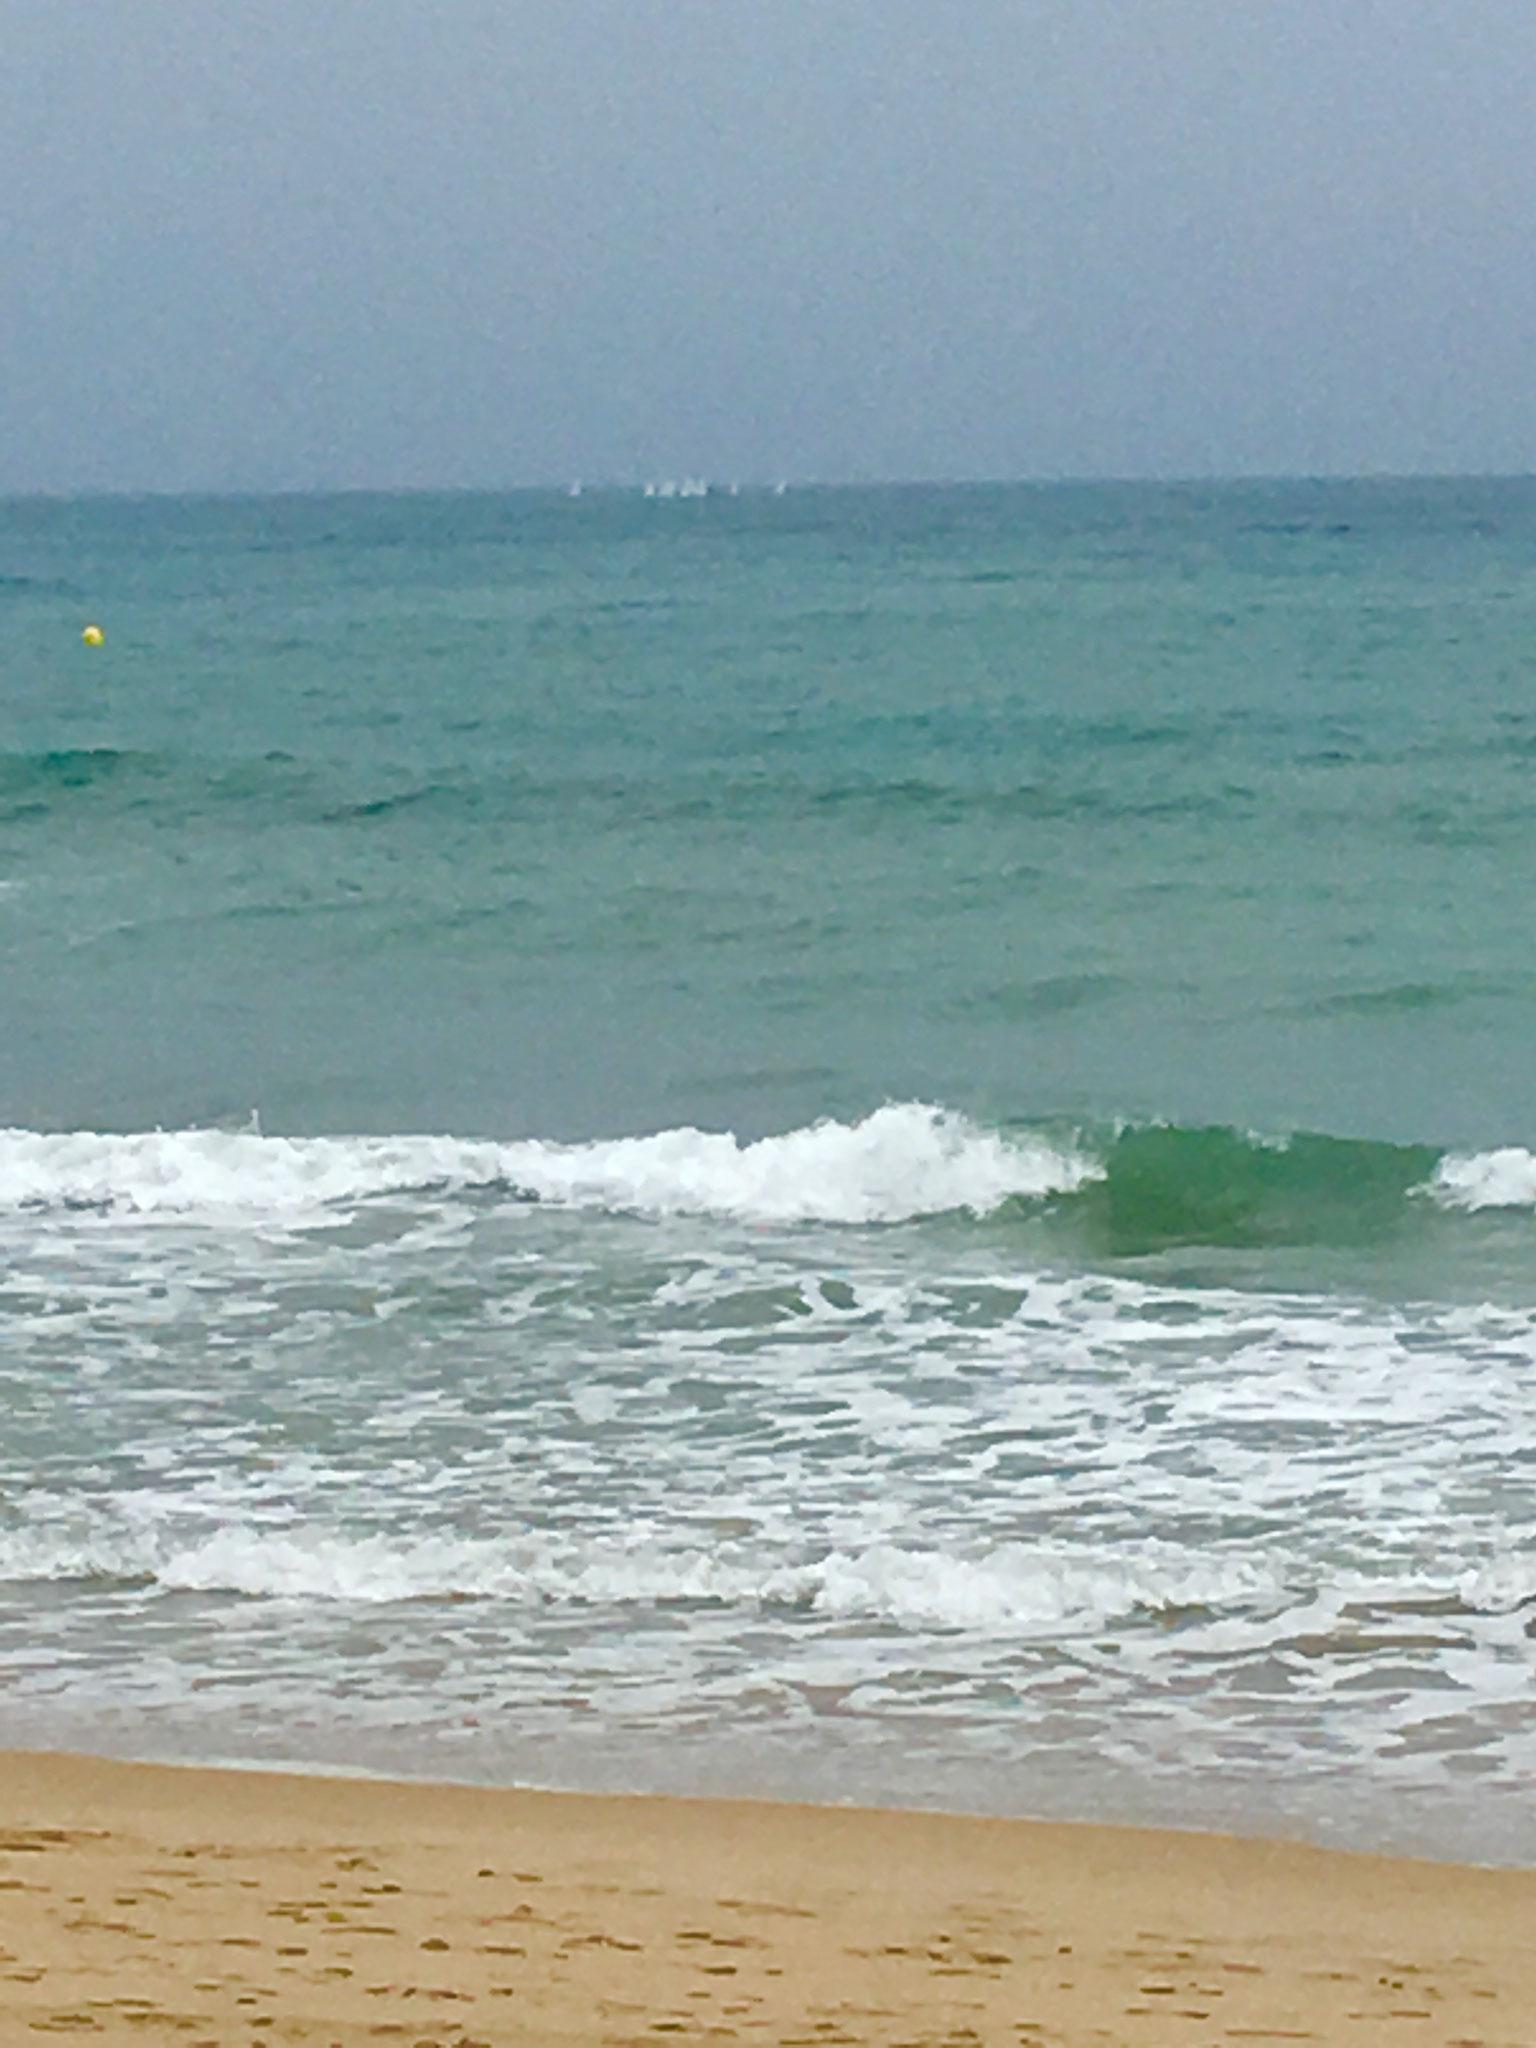 Haga tiempo para las muchas playas fantásticas. ¡ Descubre calas aisladas o playas animadas y grandes!